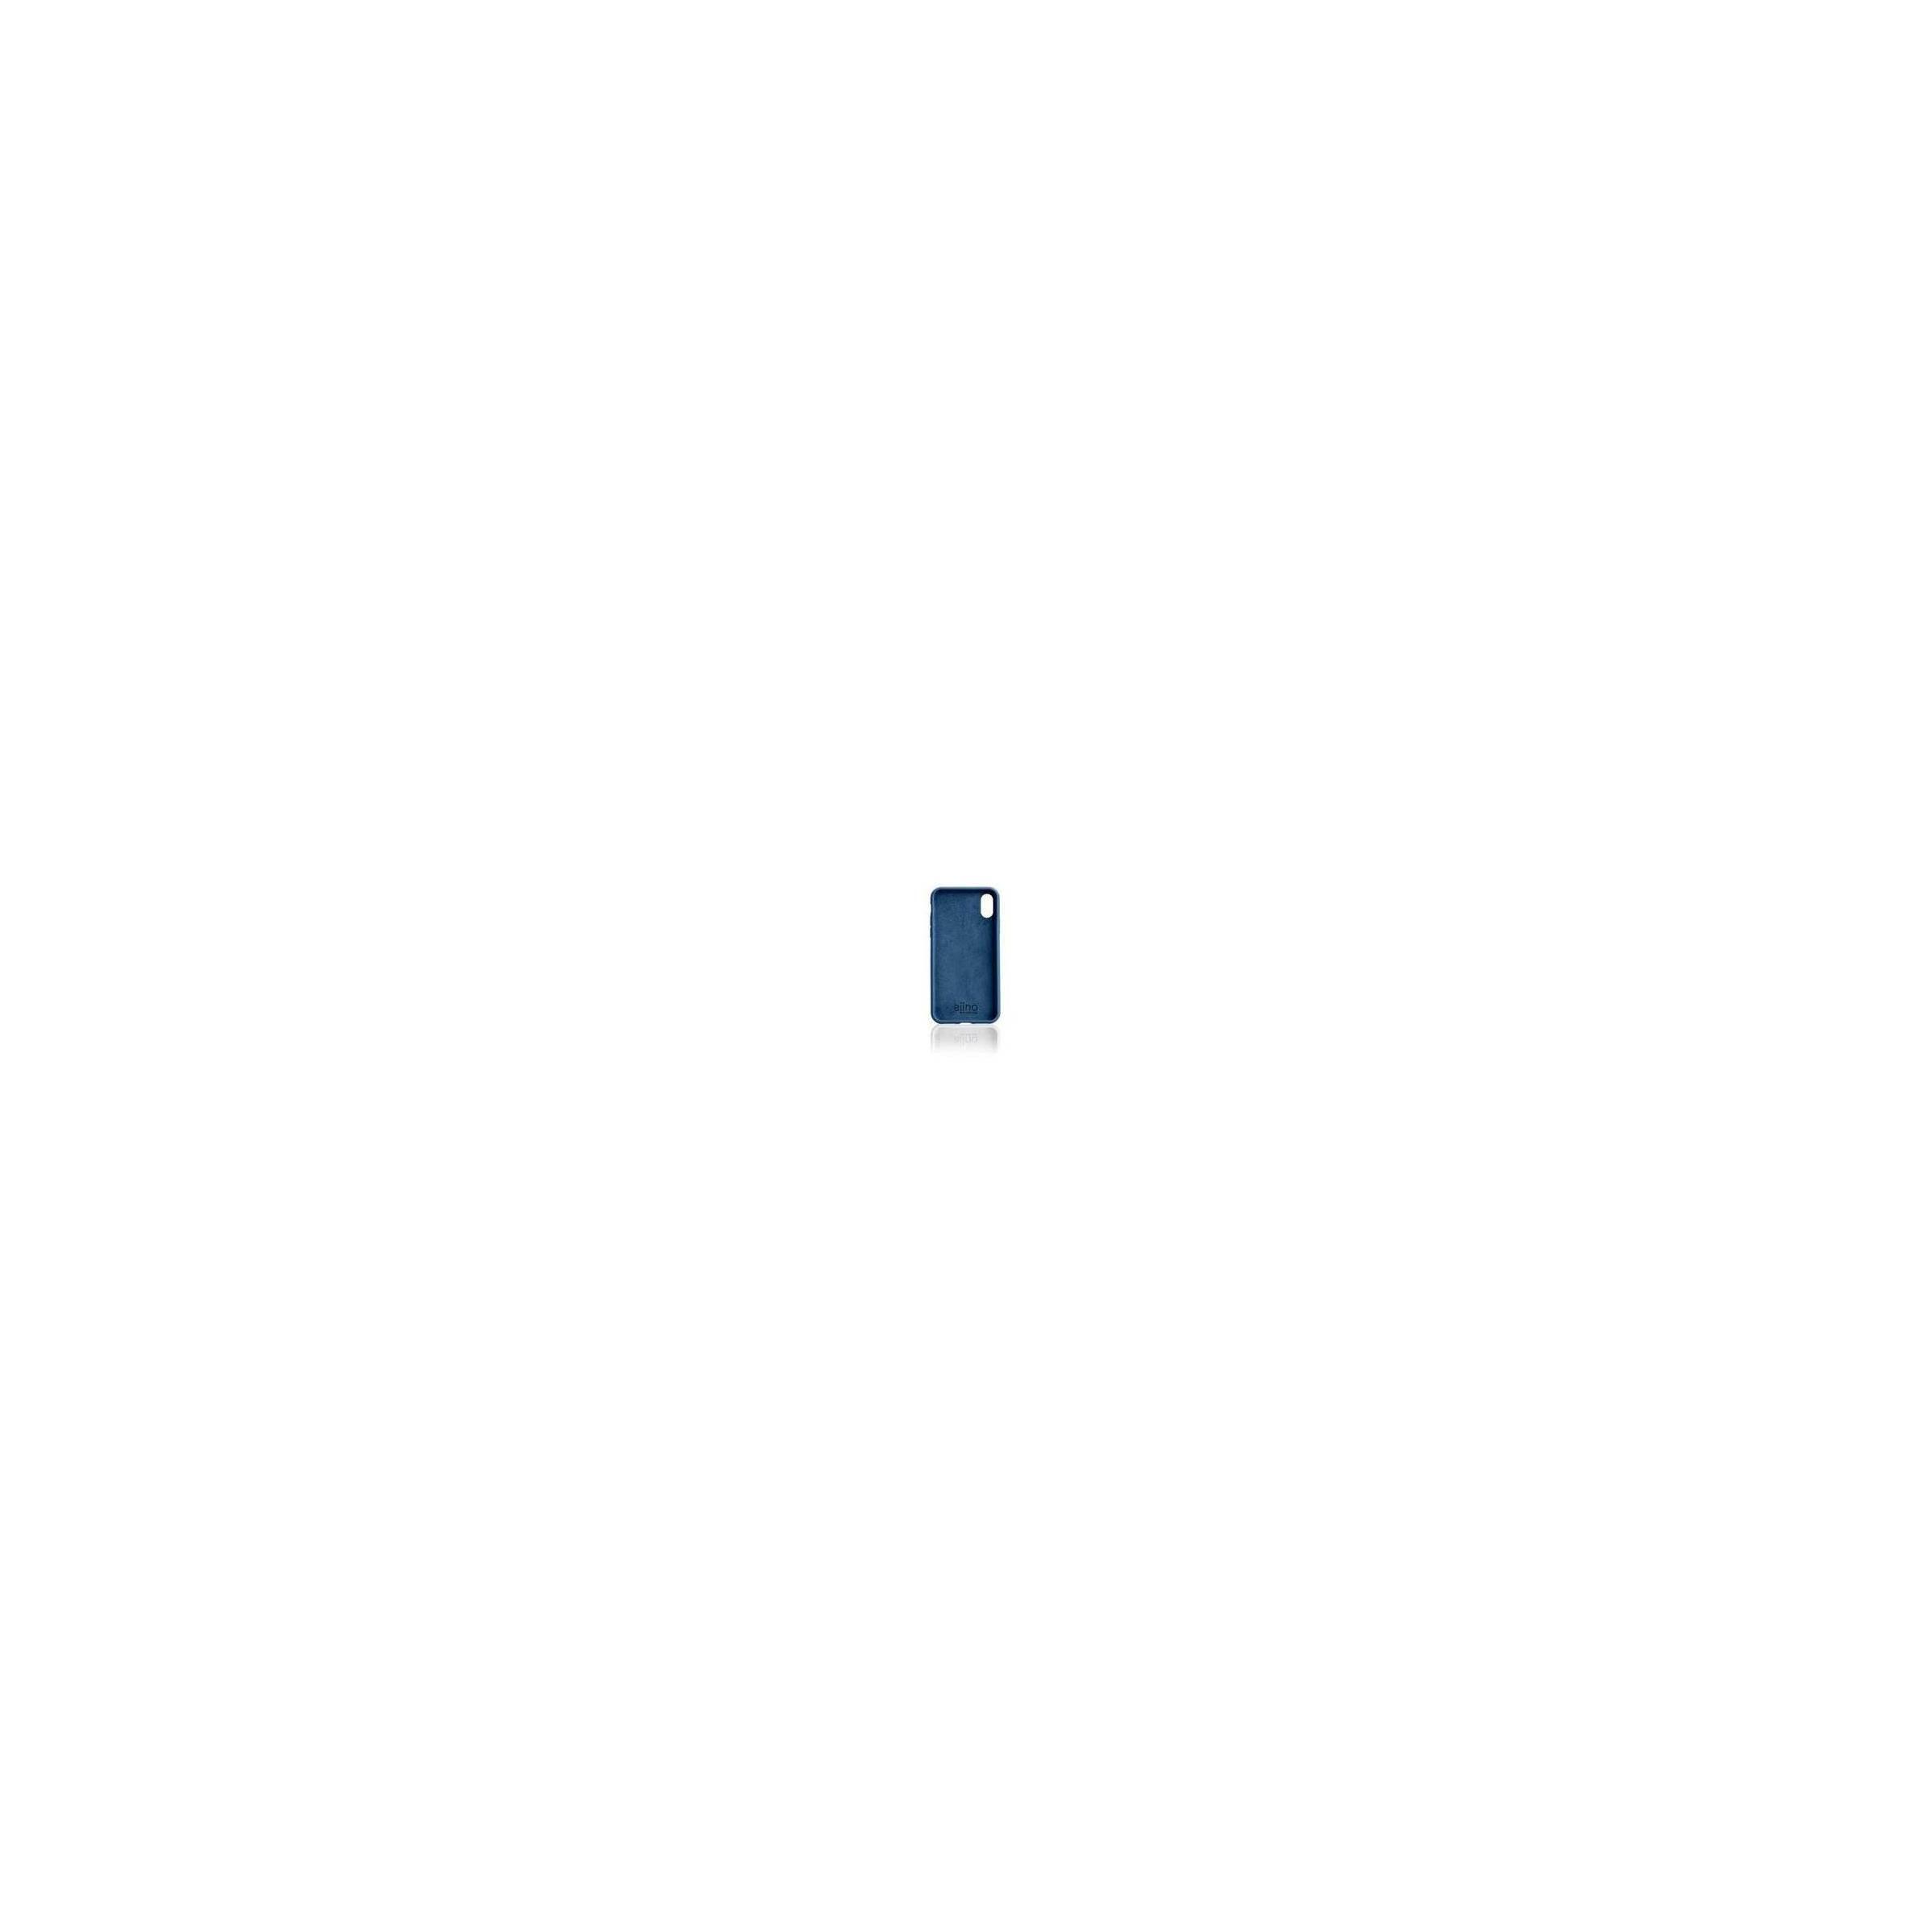 aiino – Aiino strongly premium cover til iphone xr farve mørke blå på mackabler.dk